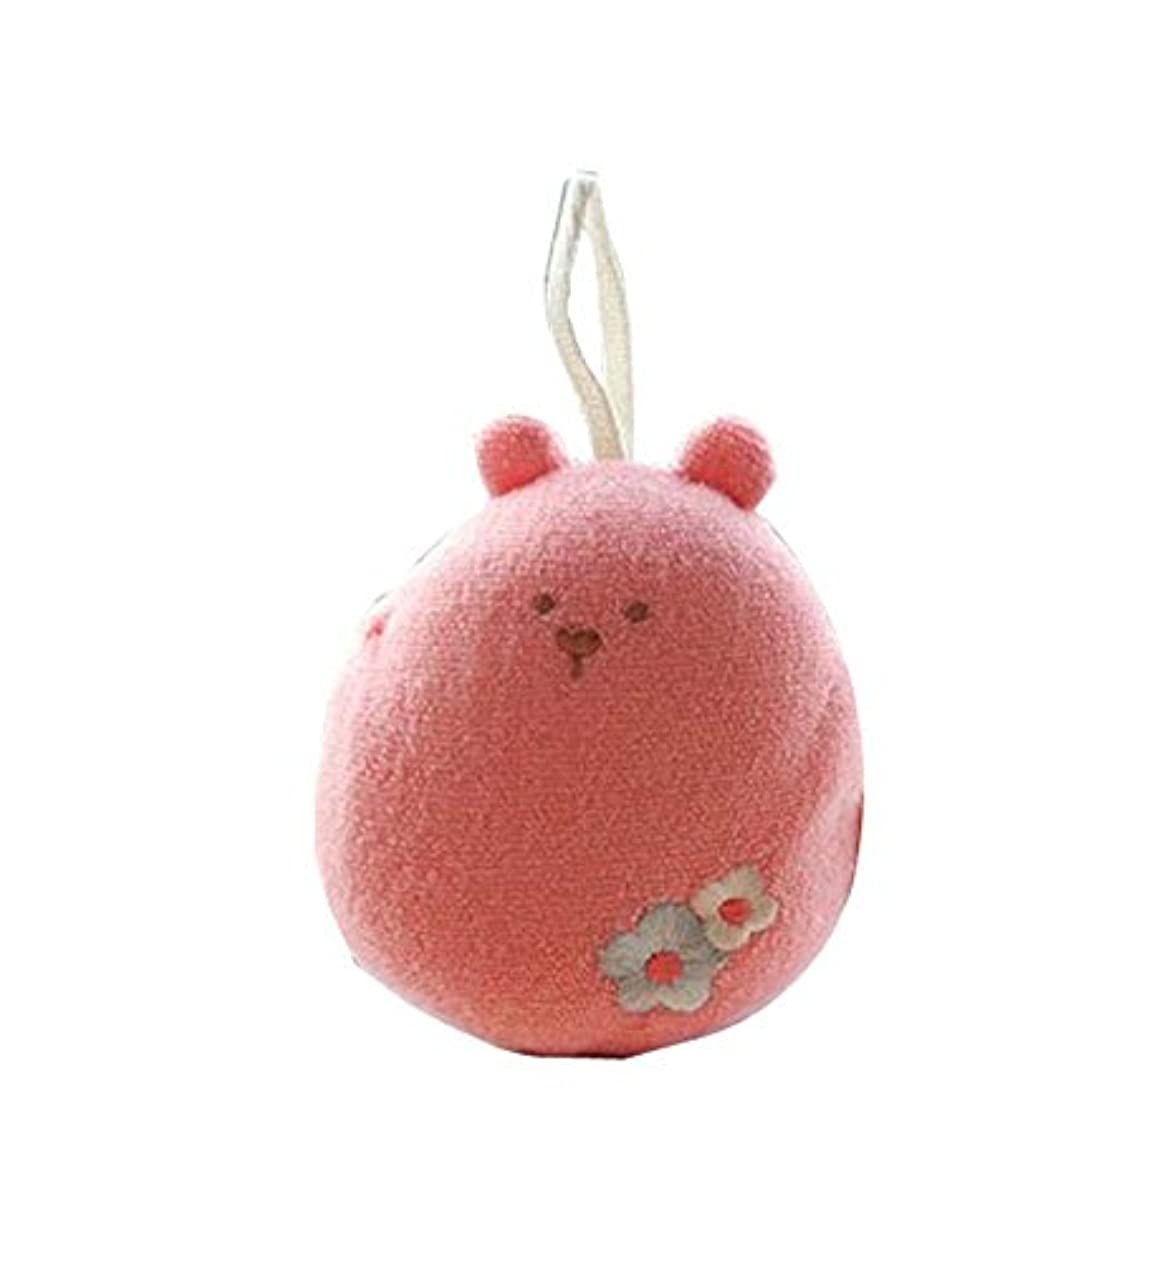 千知覚的コンチネンタル柔らかくて丈夫な新しいベビーバスボールバスタオルベビーバススポンジ、ピンク